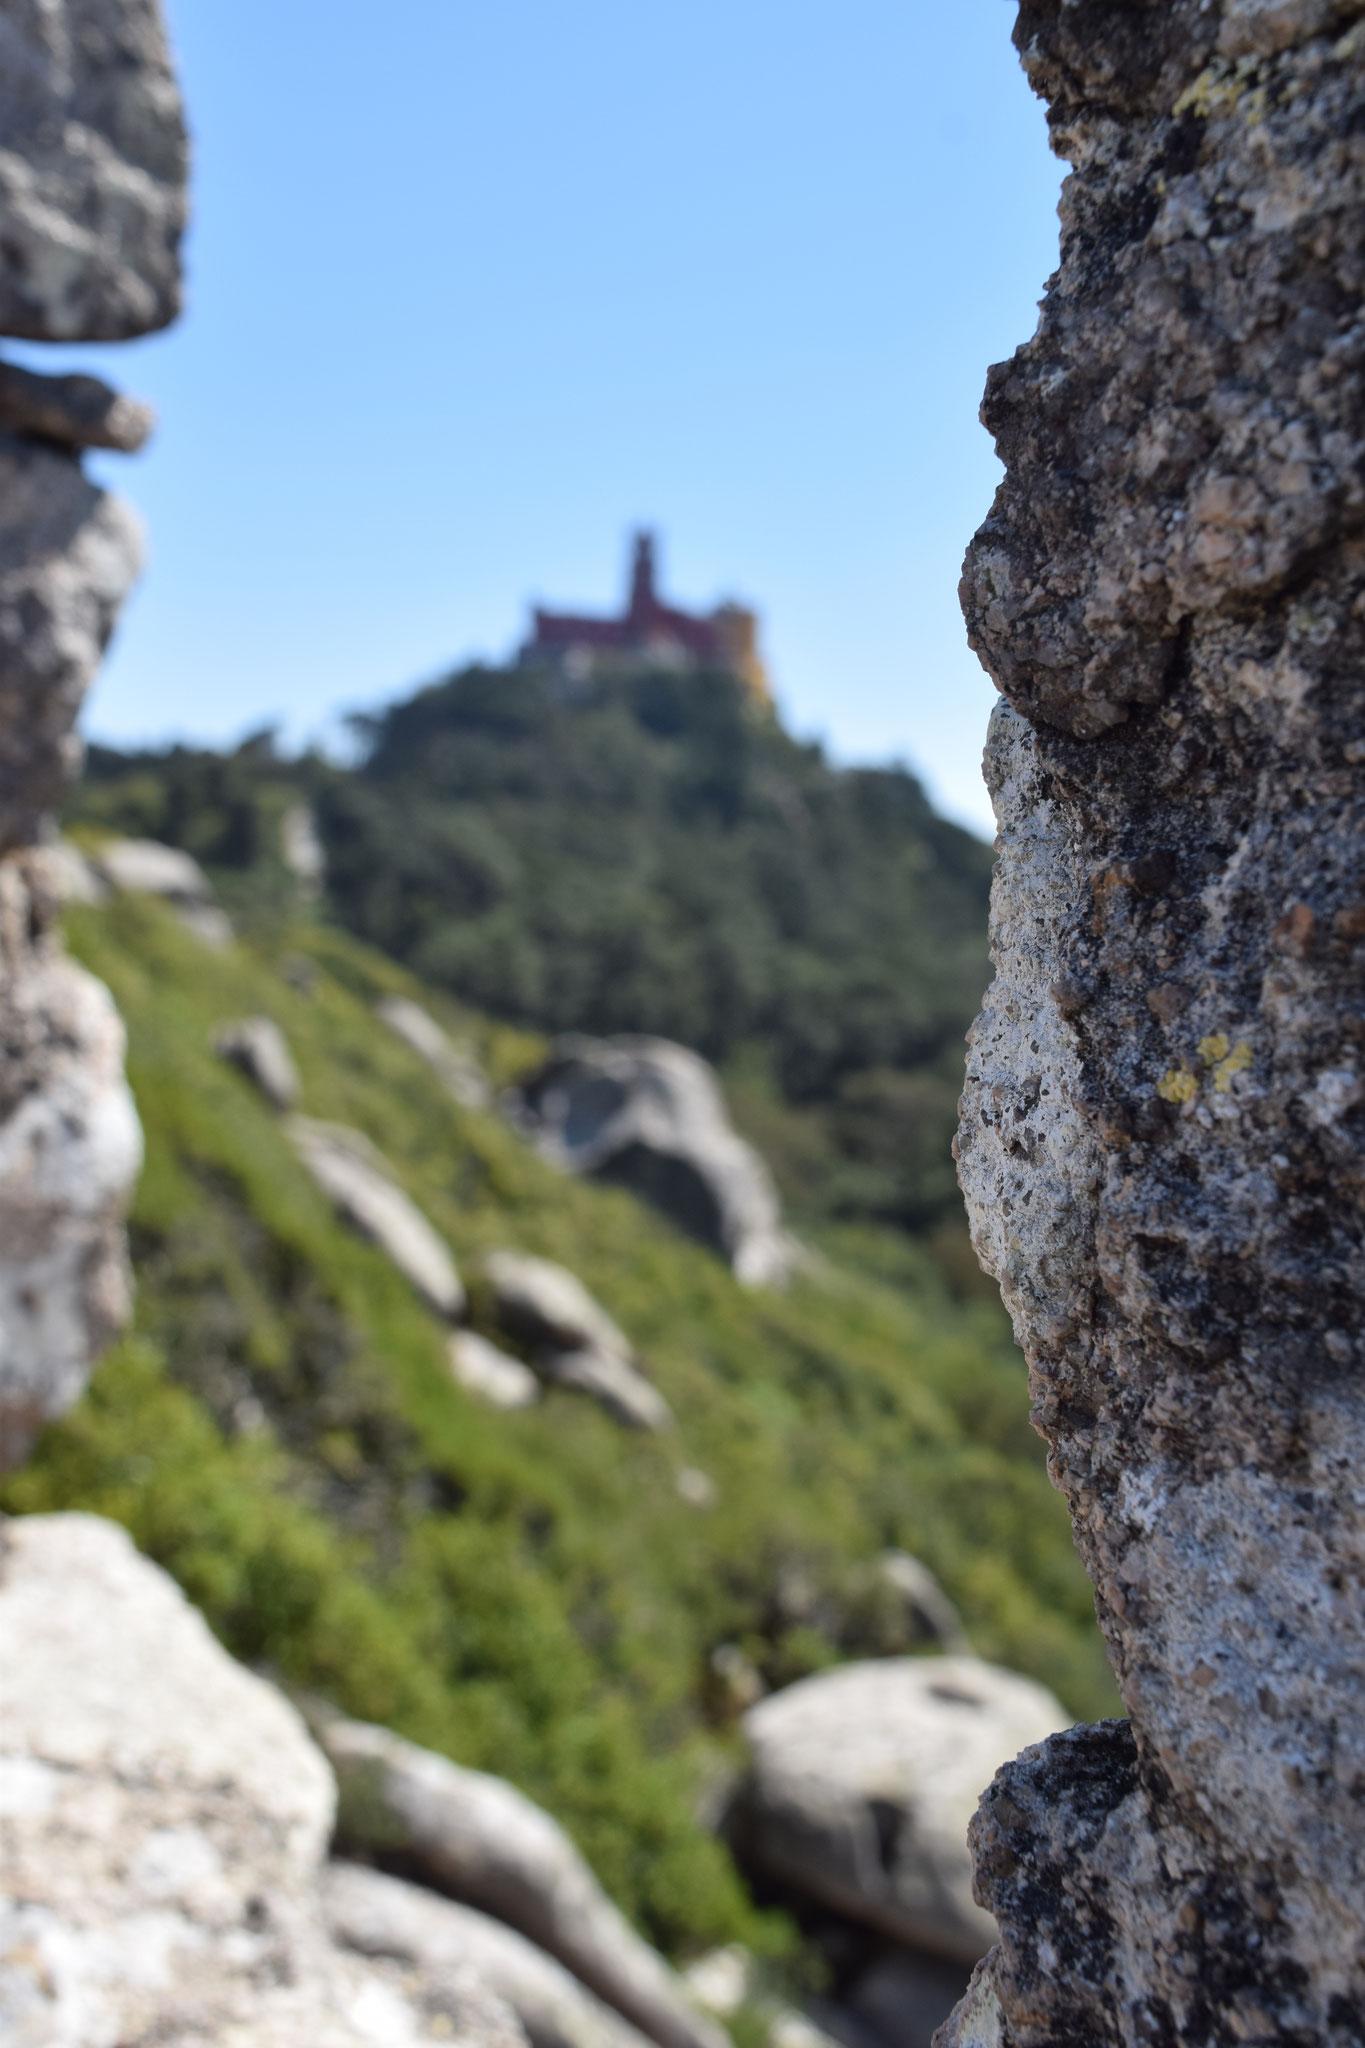 Meine Reiseempfehlungen für Lissabon in Portugal, wie das Sintra Gebirge.